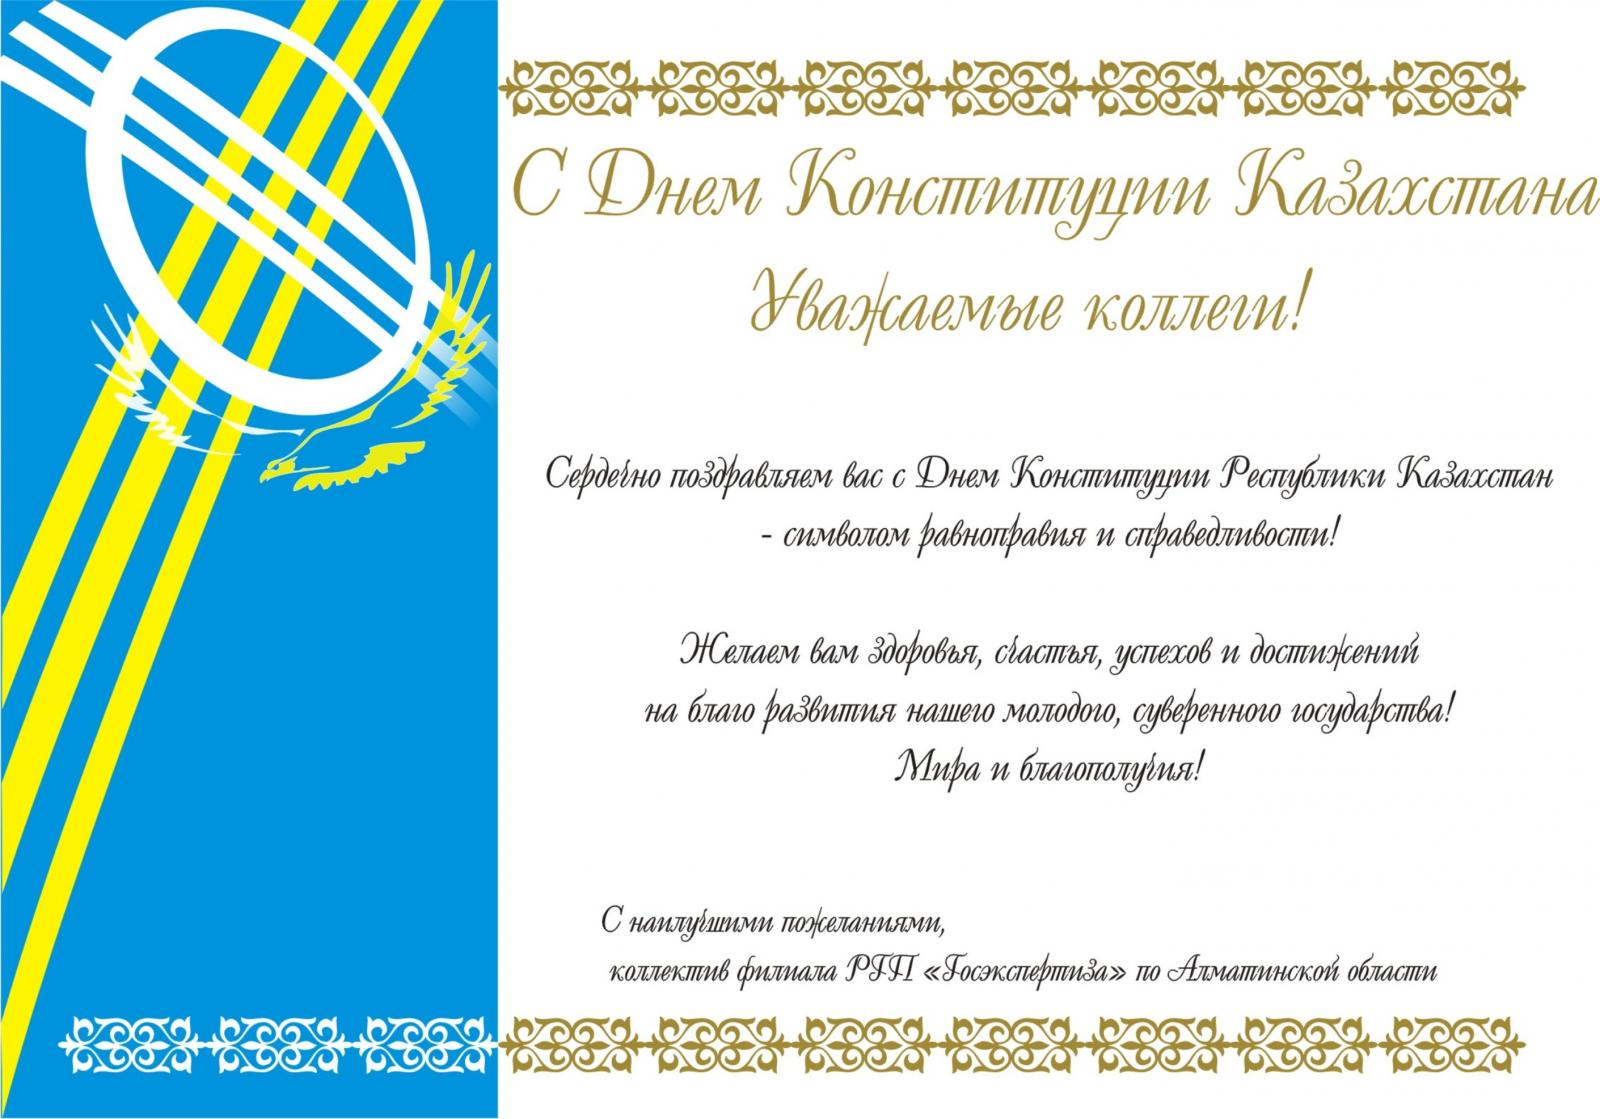 Поздравленья с днем конституции рк